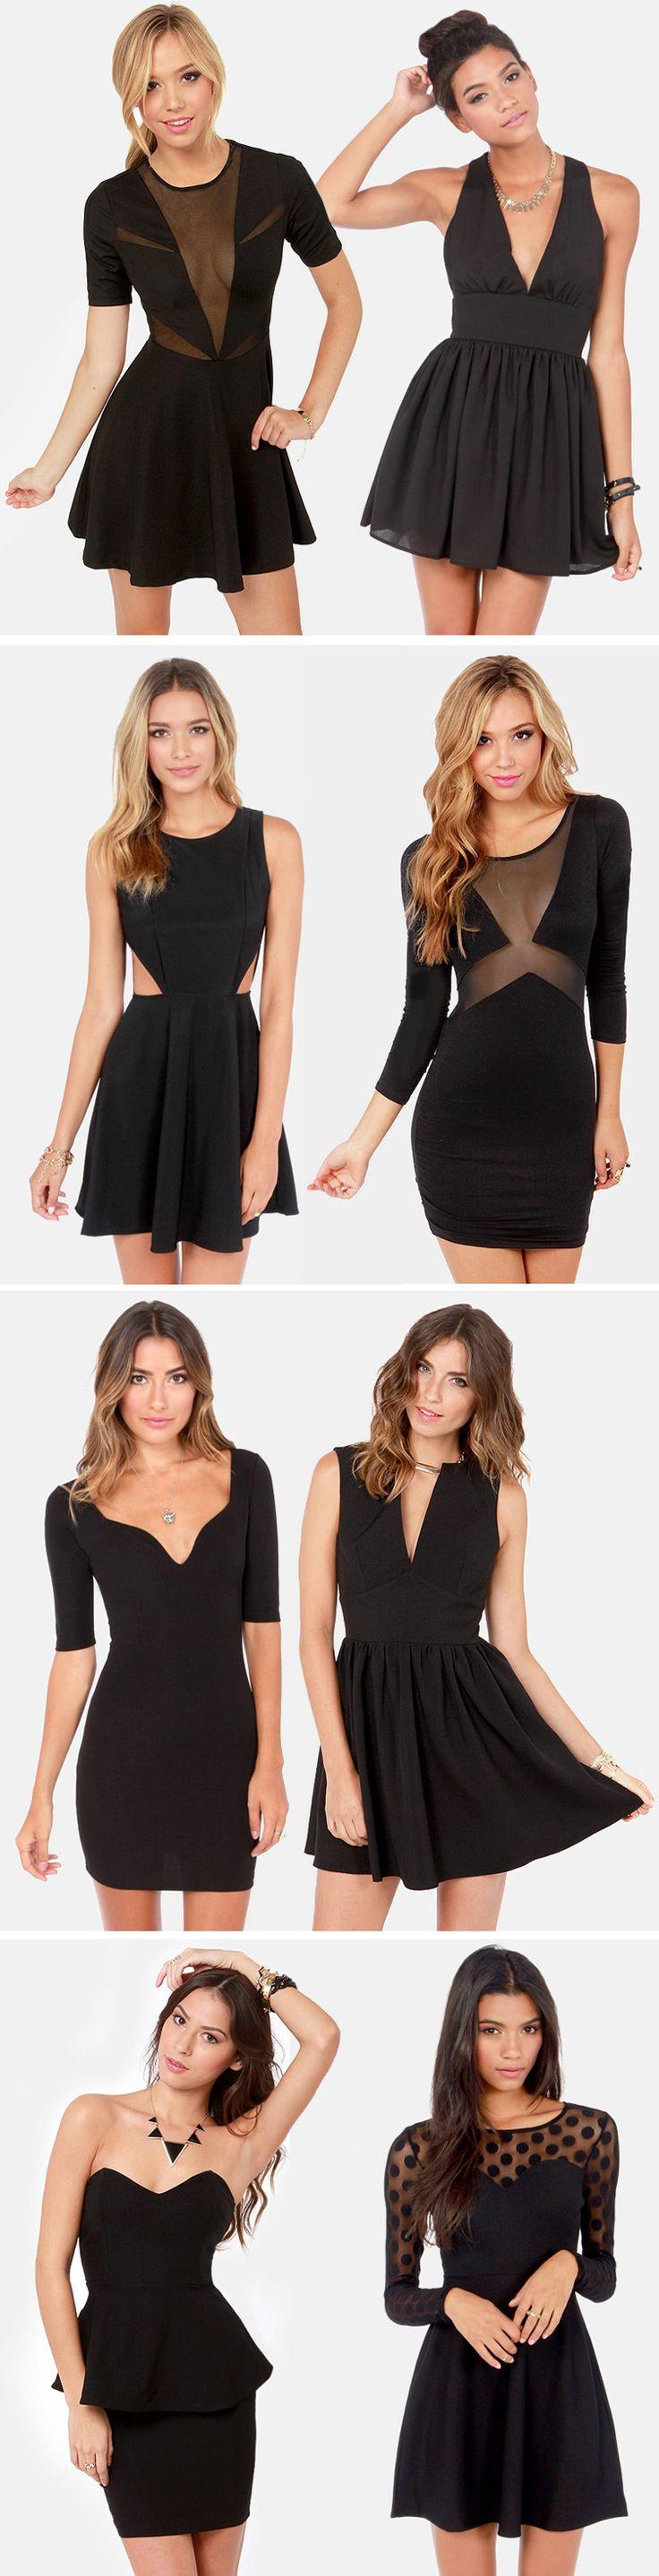 Black Party Dresses via lulus.com